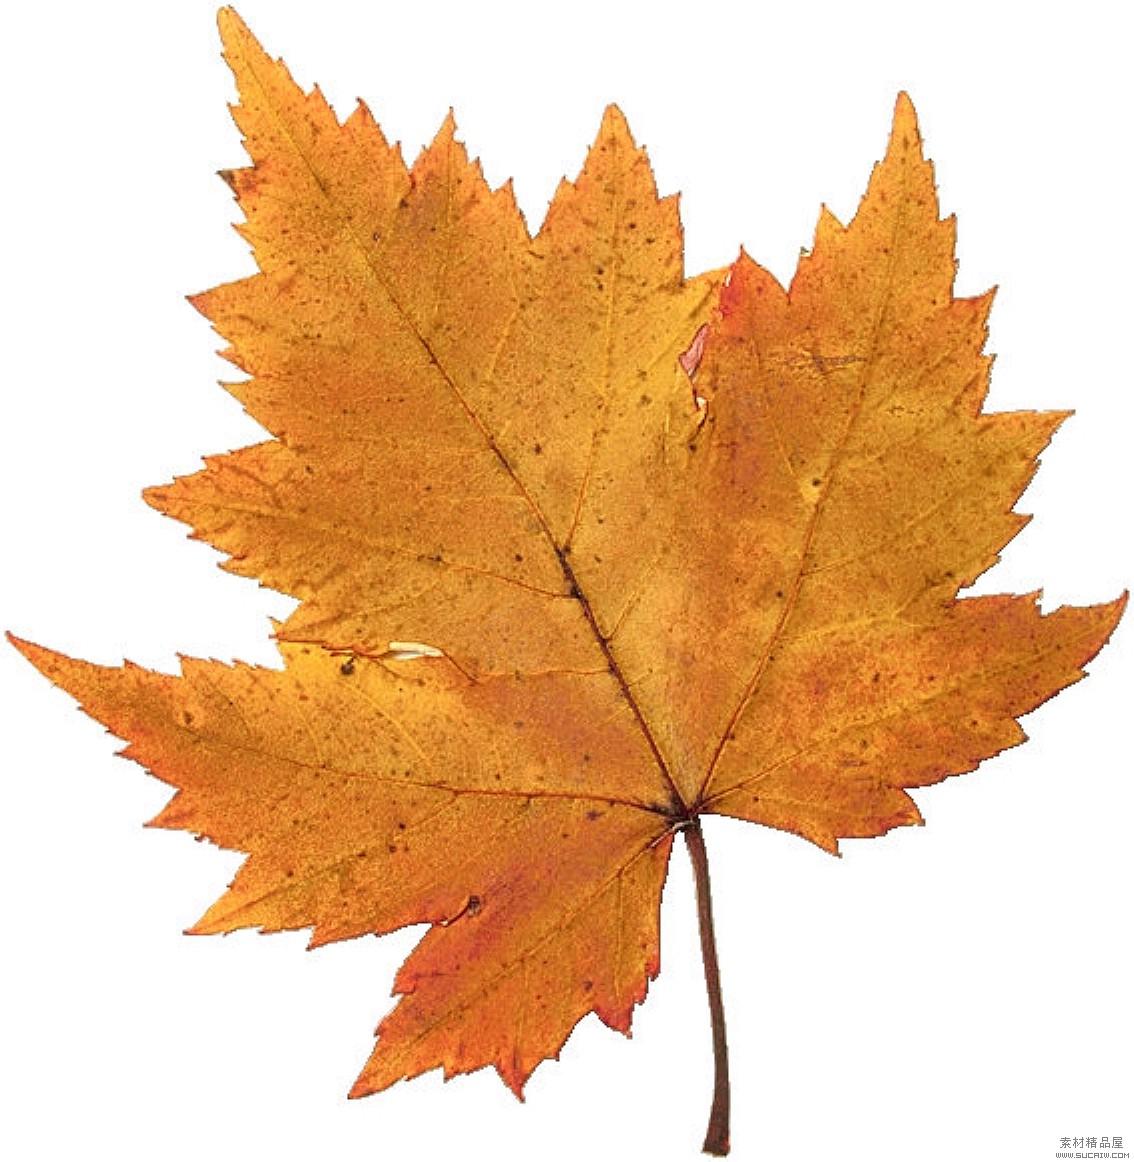 干树叶标本制作图片